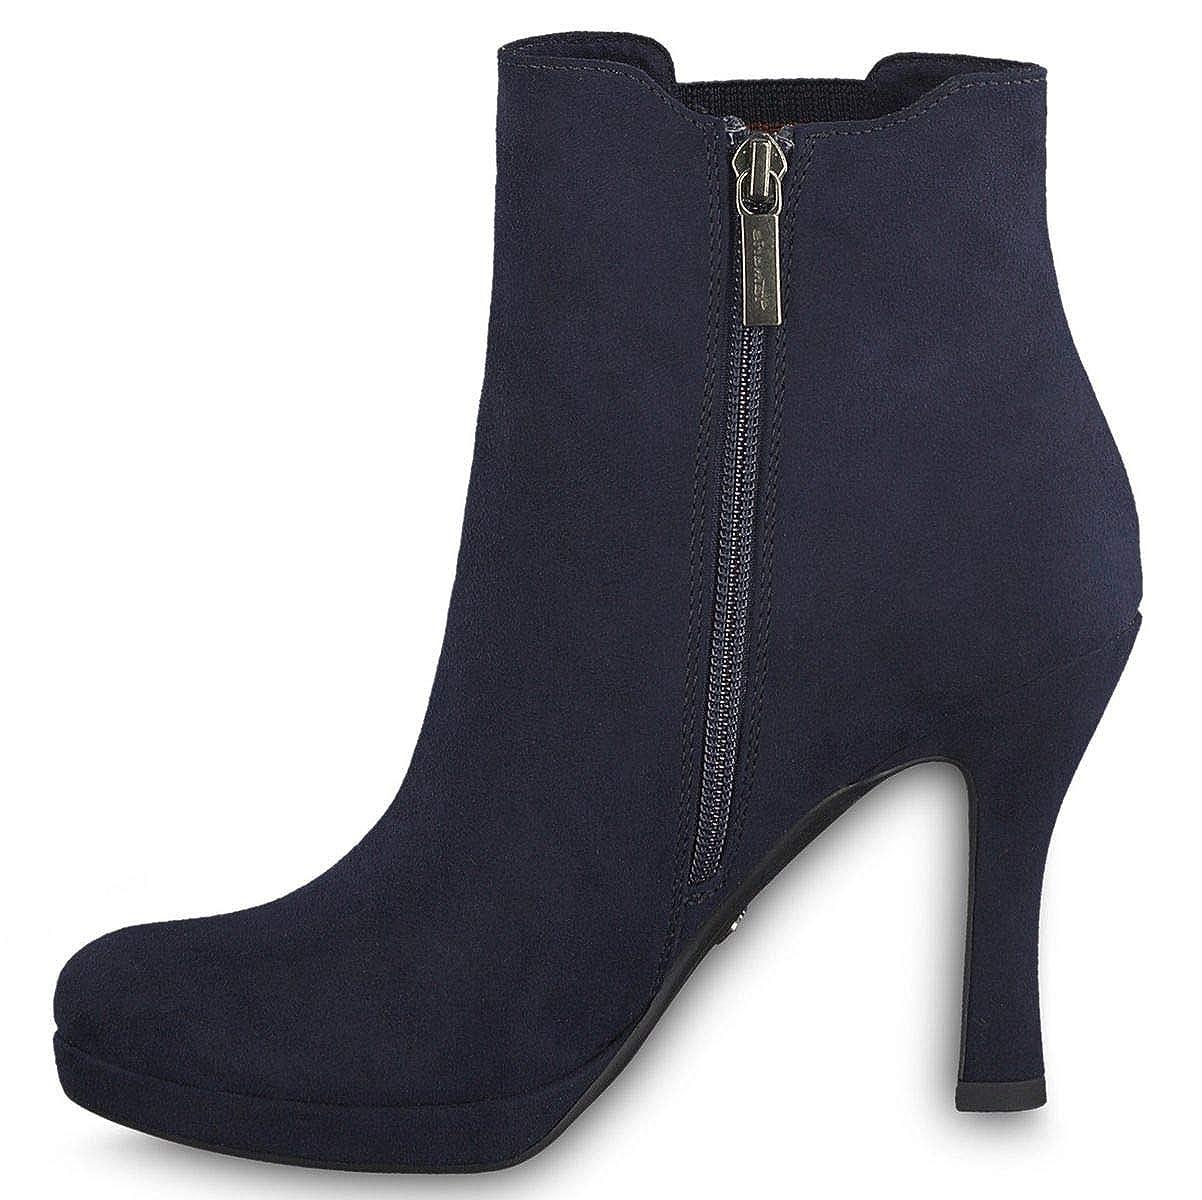 Tamaris Damen Stiefeletten Blau, Schuhgröße:EUR 41: Amazon